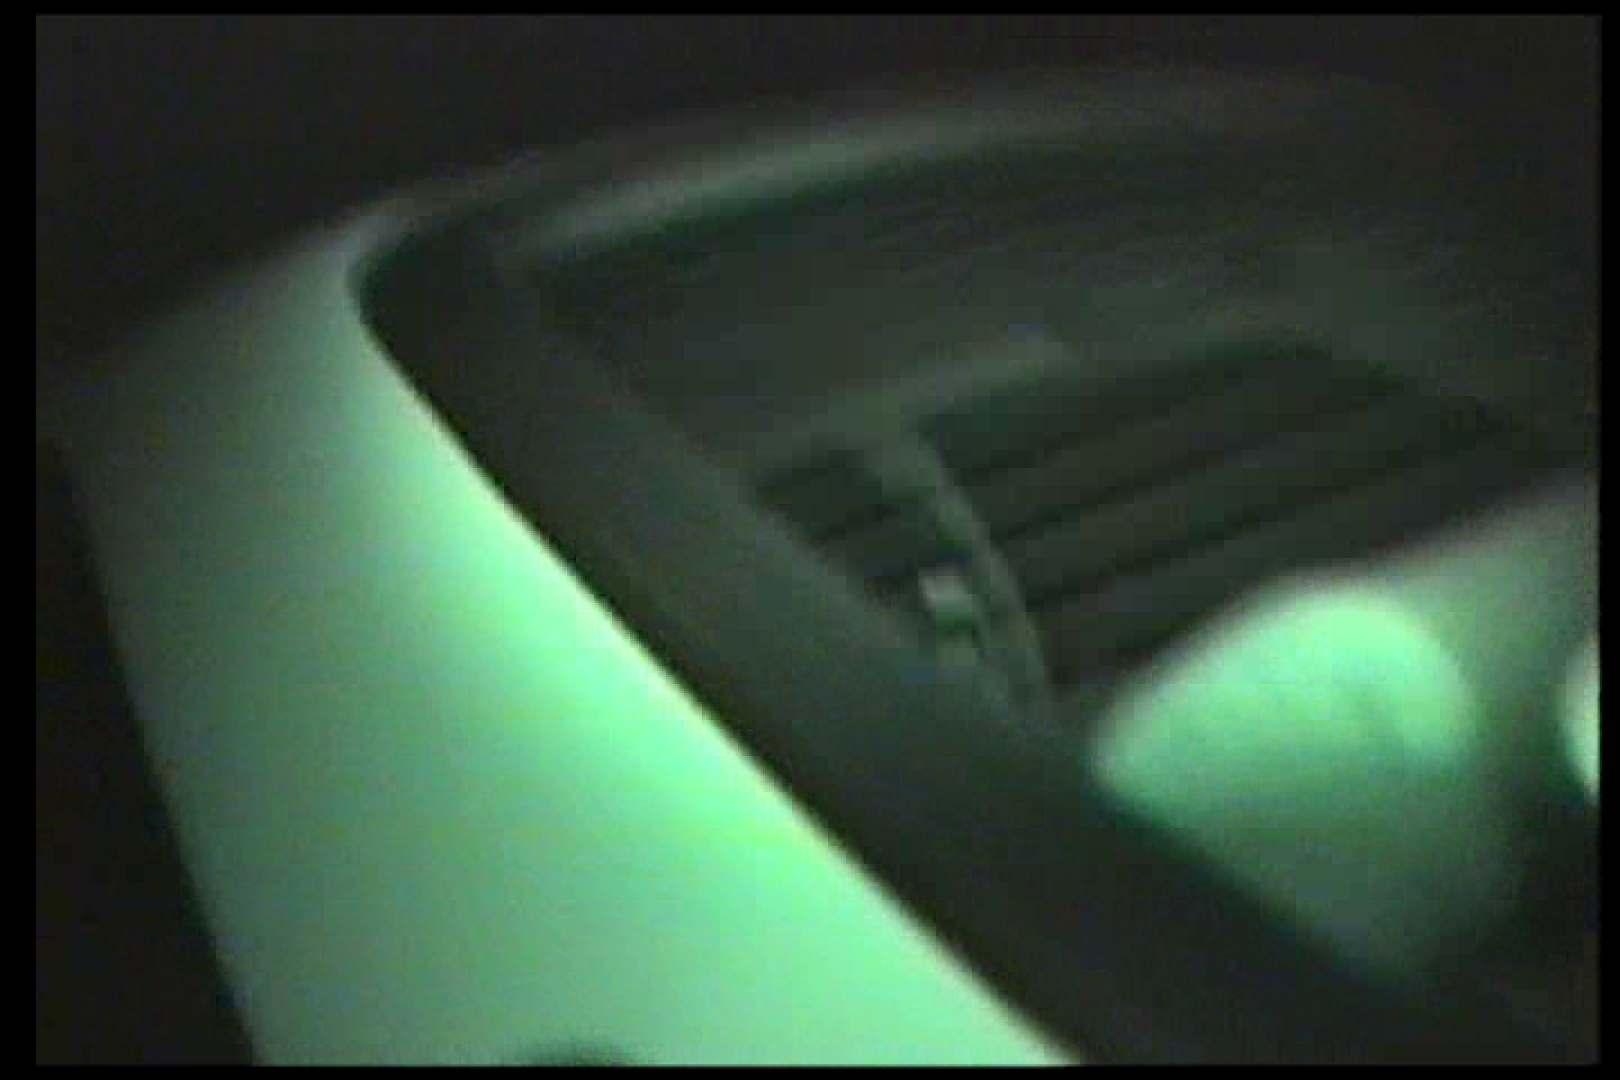 カーセックス未編集・無修正版 Vol.6後編 カーセックス   高画質モード  87画像 85